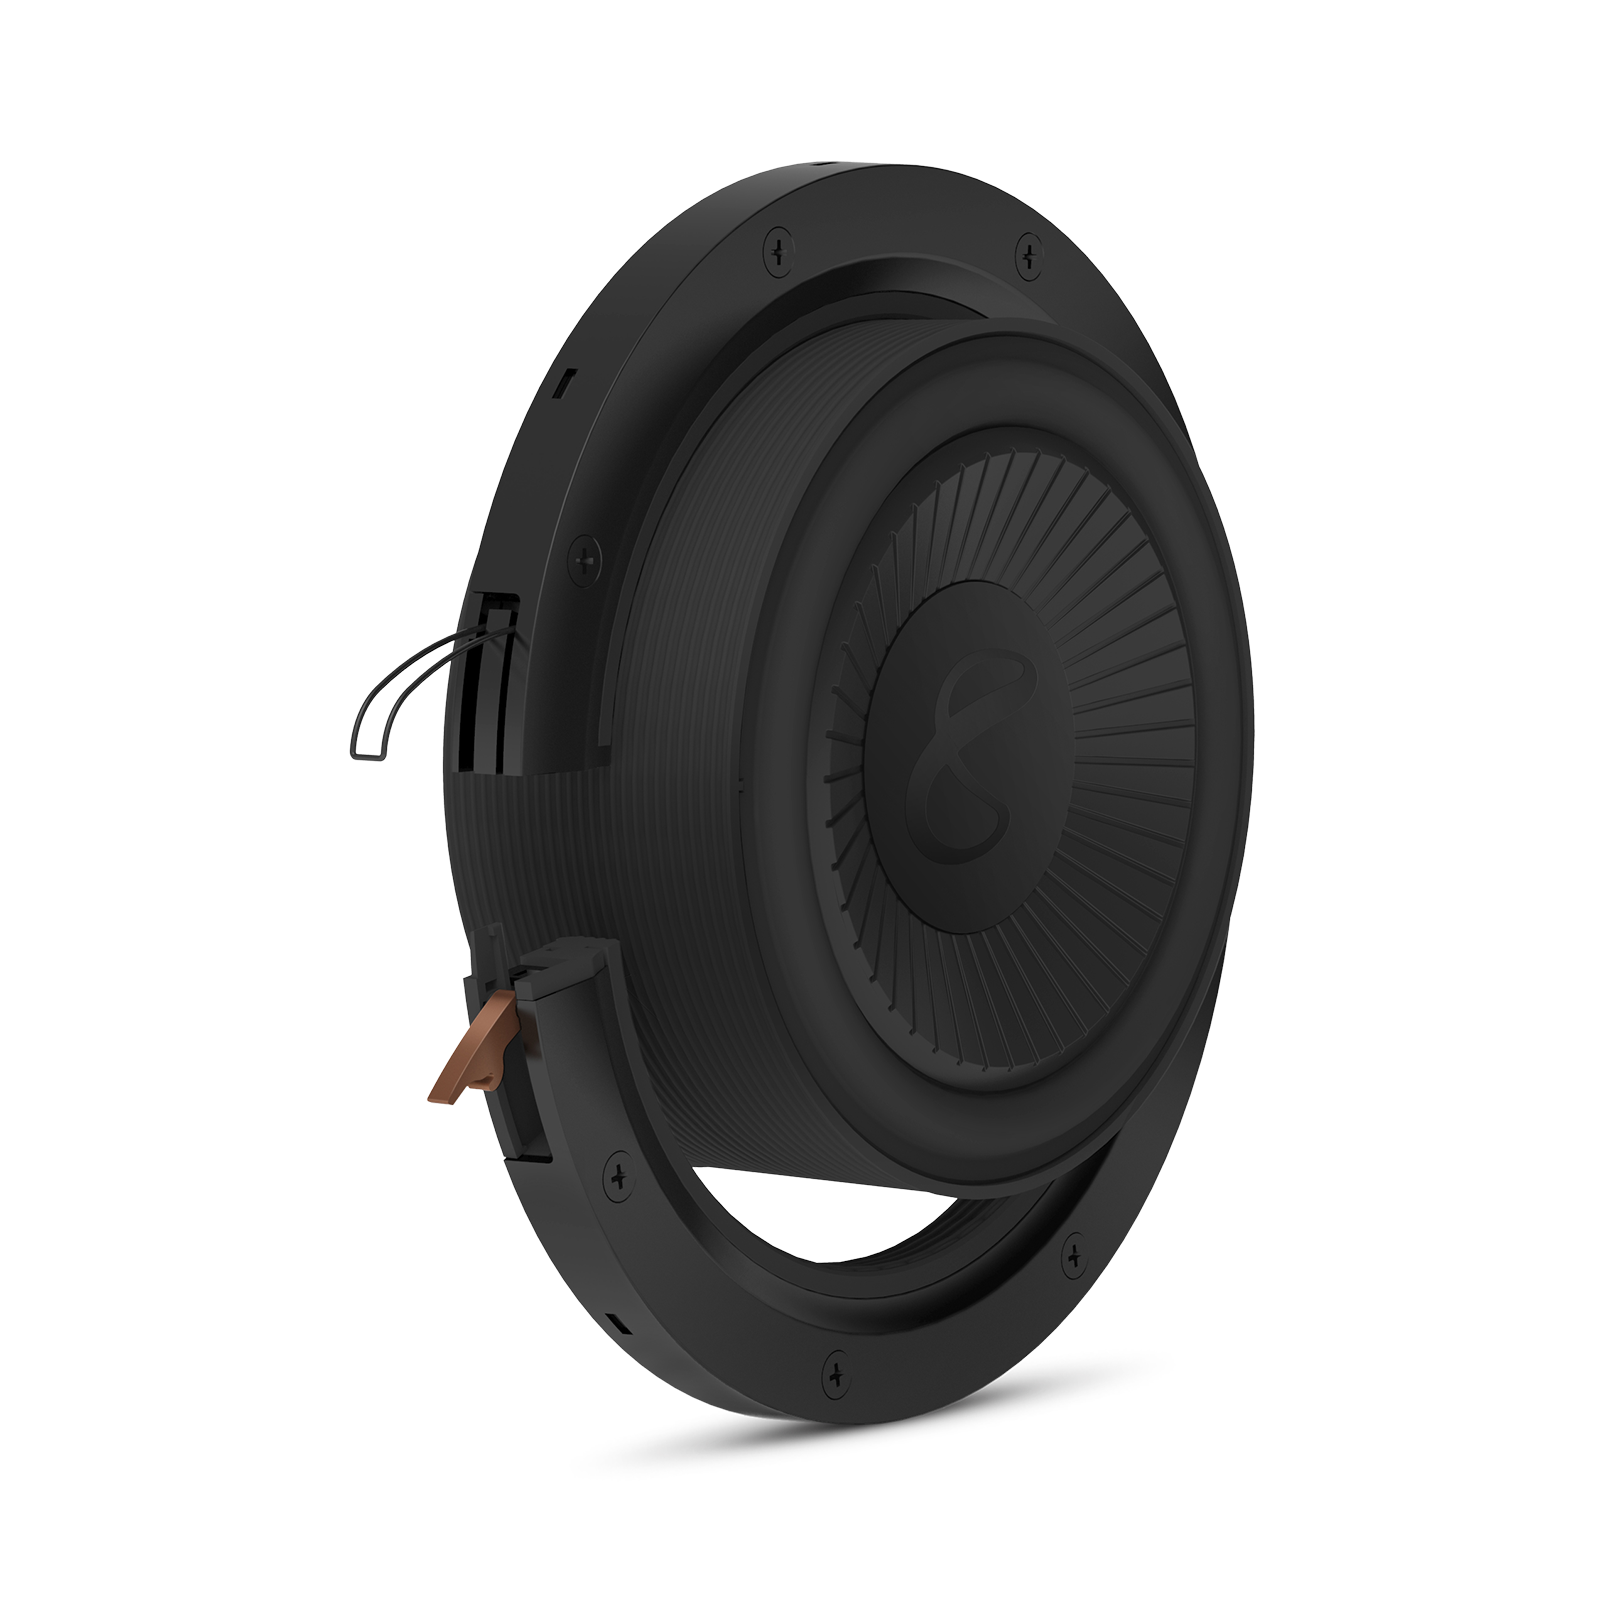 """Reference Flex Woofer 8s - Black - 8"""" (200mm) adjustable depth car audio subwoofers optimized for factory location upgrades - Detailshot 1"""